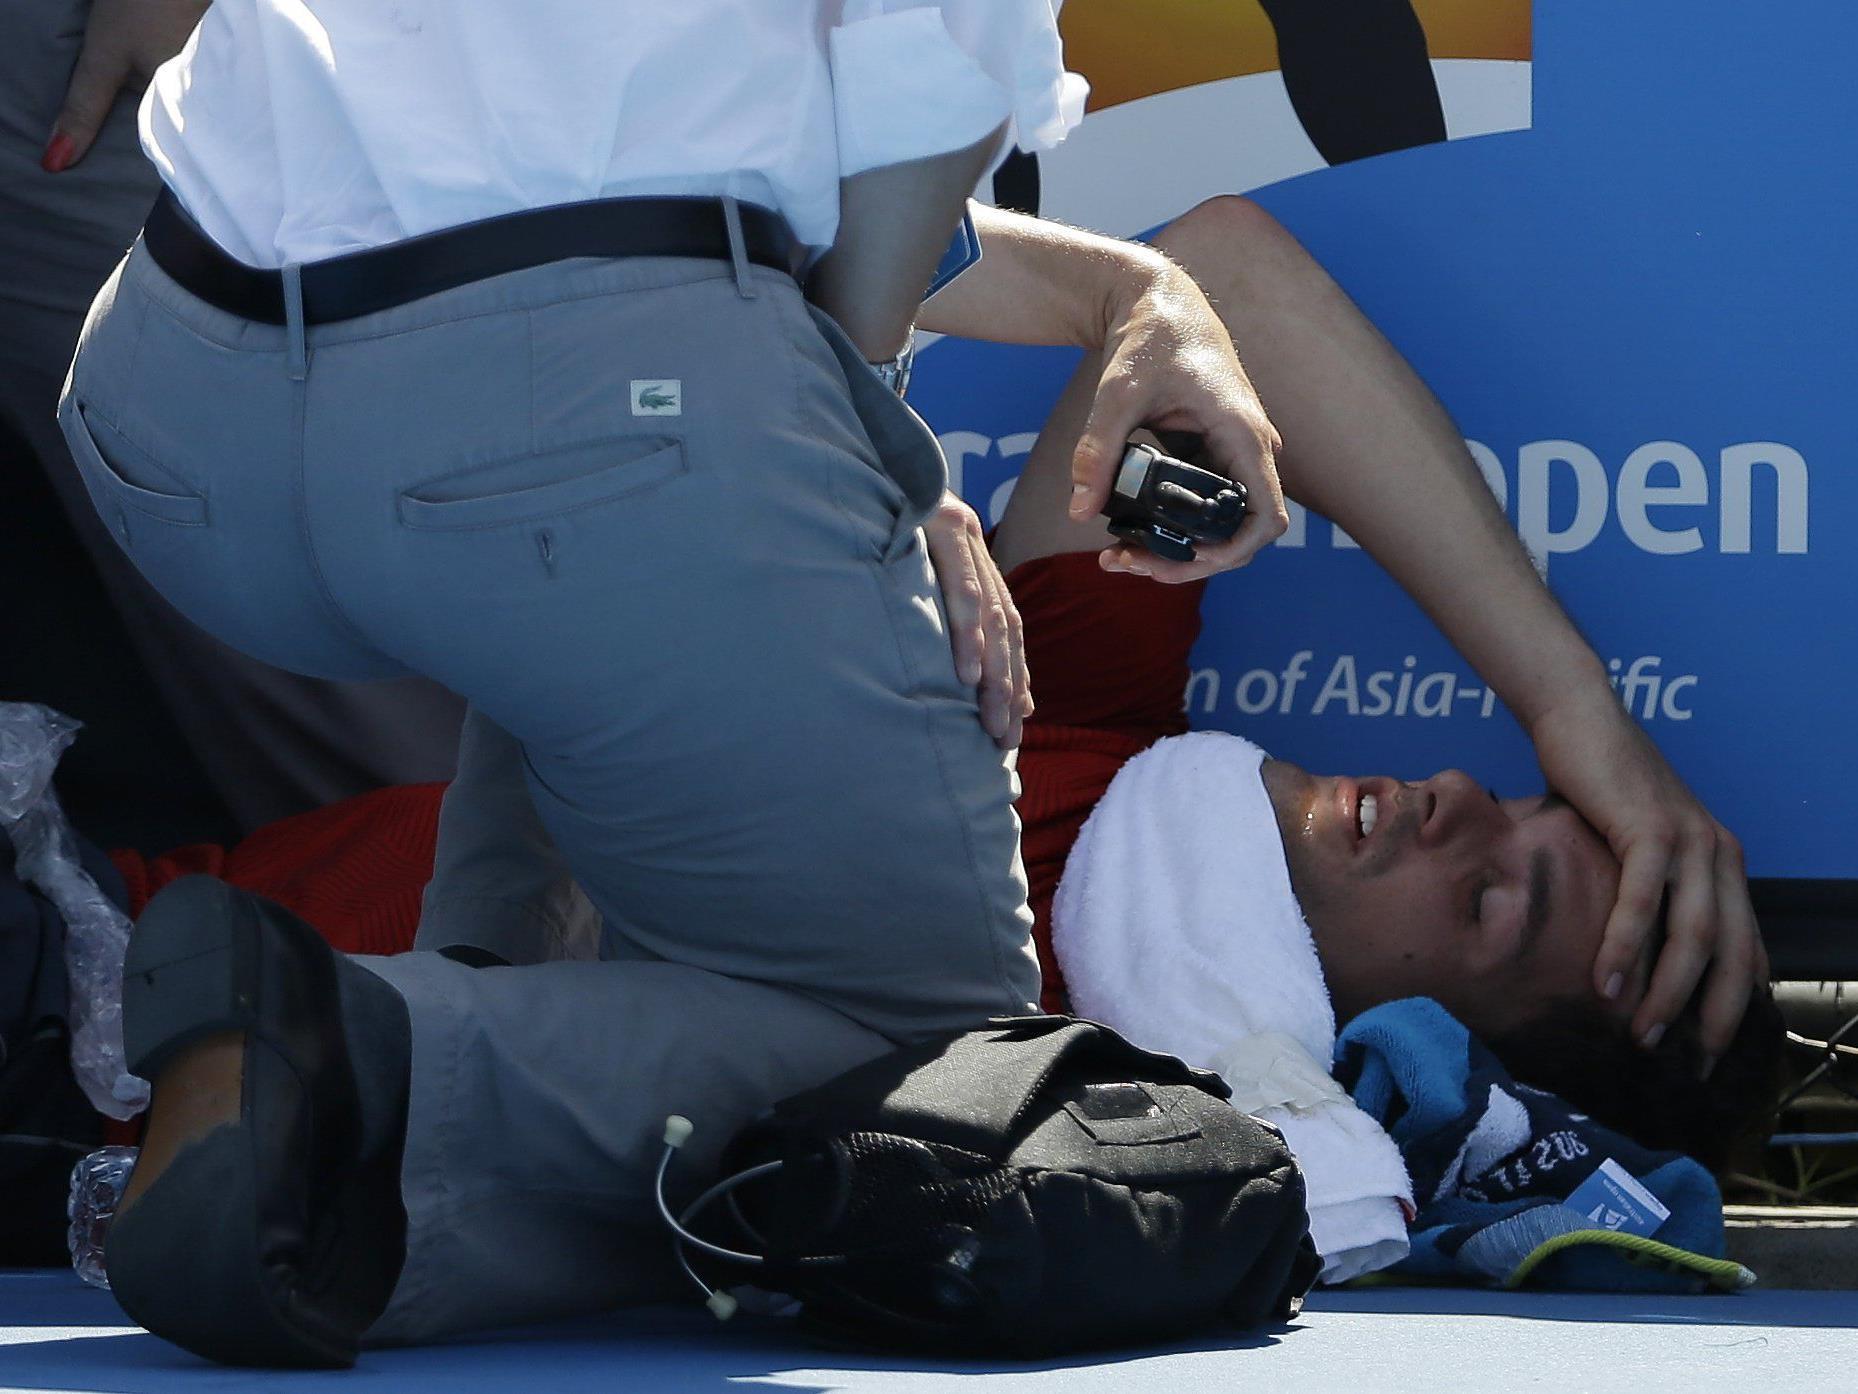 Murray hatte die Veranstalter bereits kritisiert, nachdem Frank Dancevic auf dem Platz kollabiert war